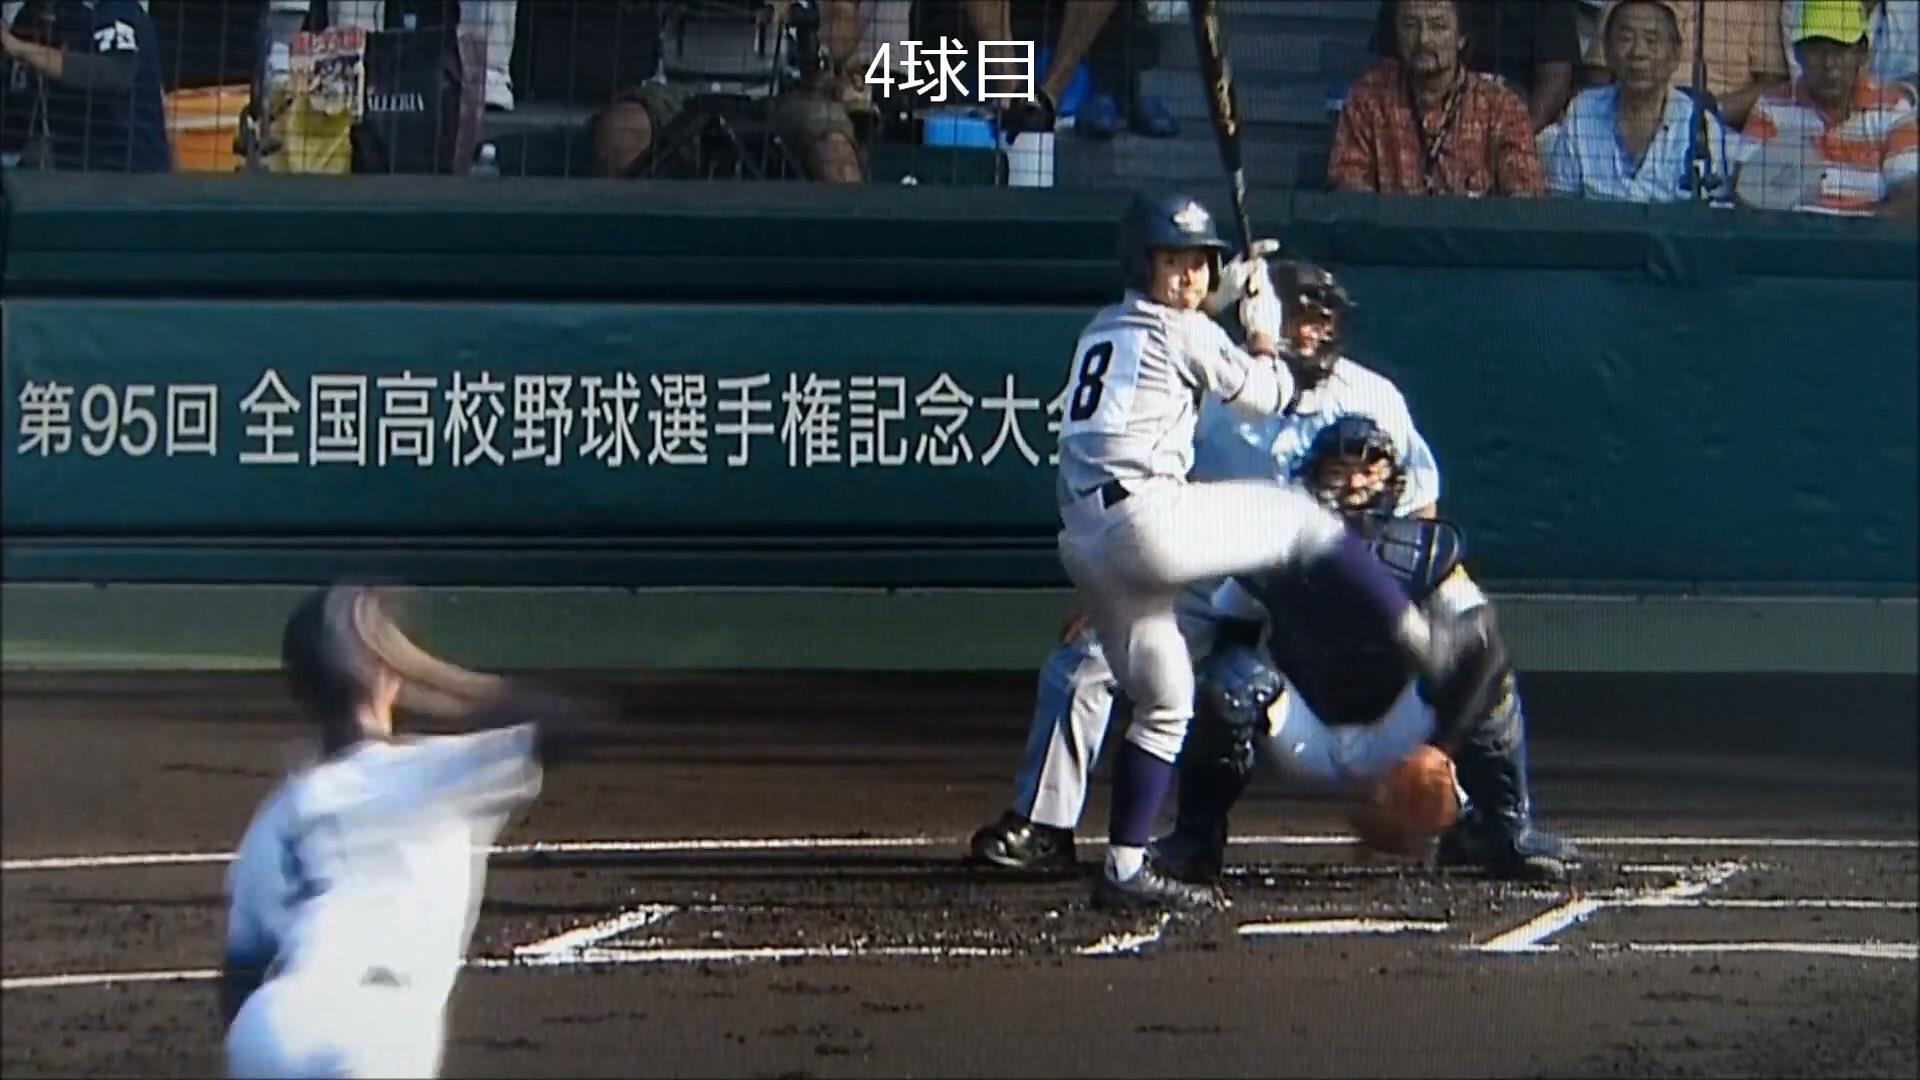 仙台育英の渡部くん、蹴った状況について聞かれると「それについてはあんまり…」と口を閉ざす [無断転載禁止]©2ch.net [579384507]YouTube動画>6本 ->画像>104枚